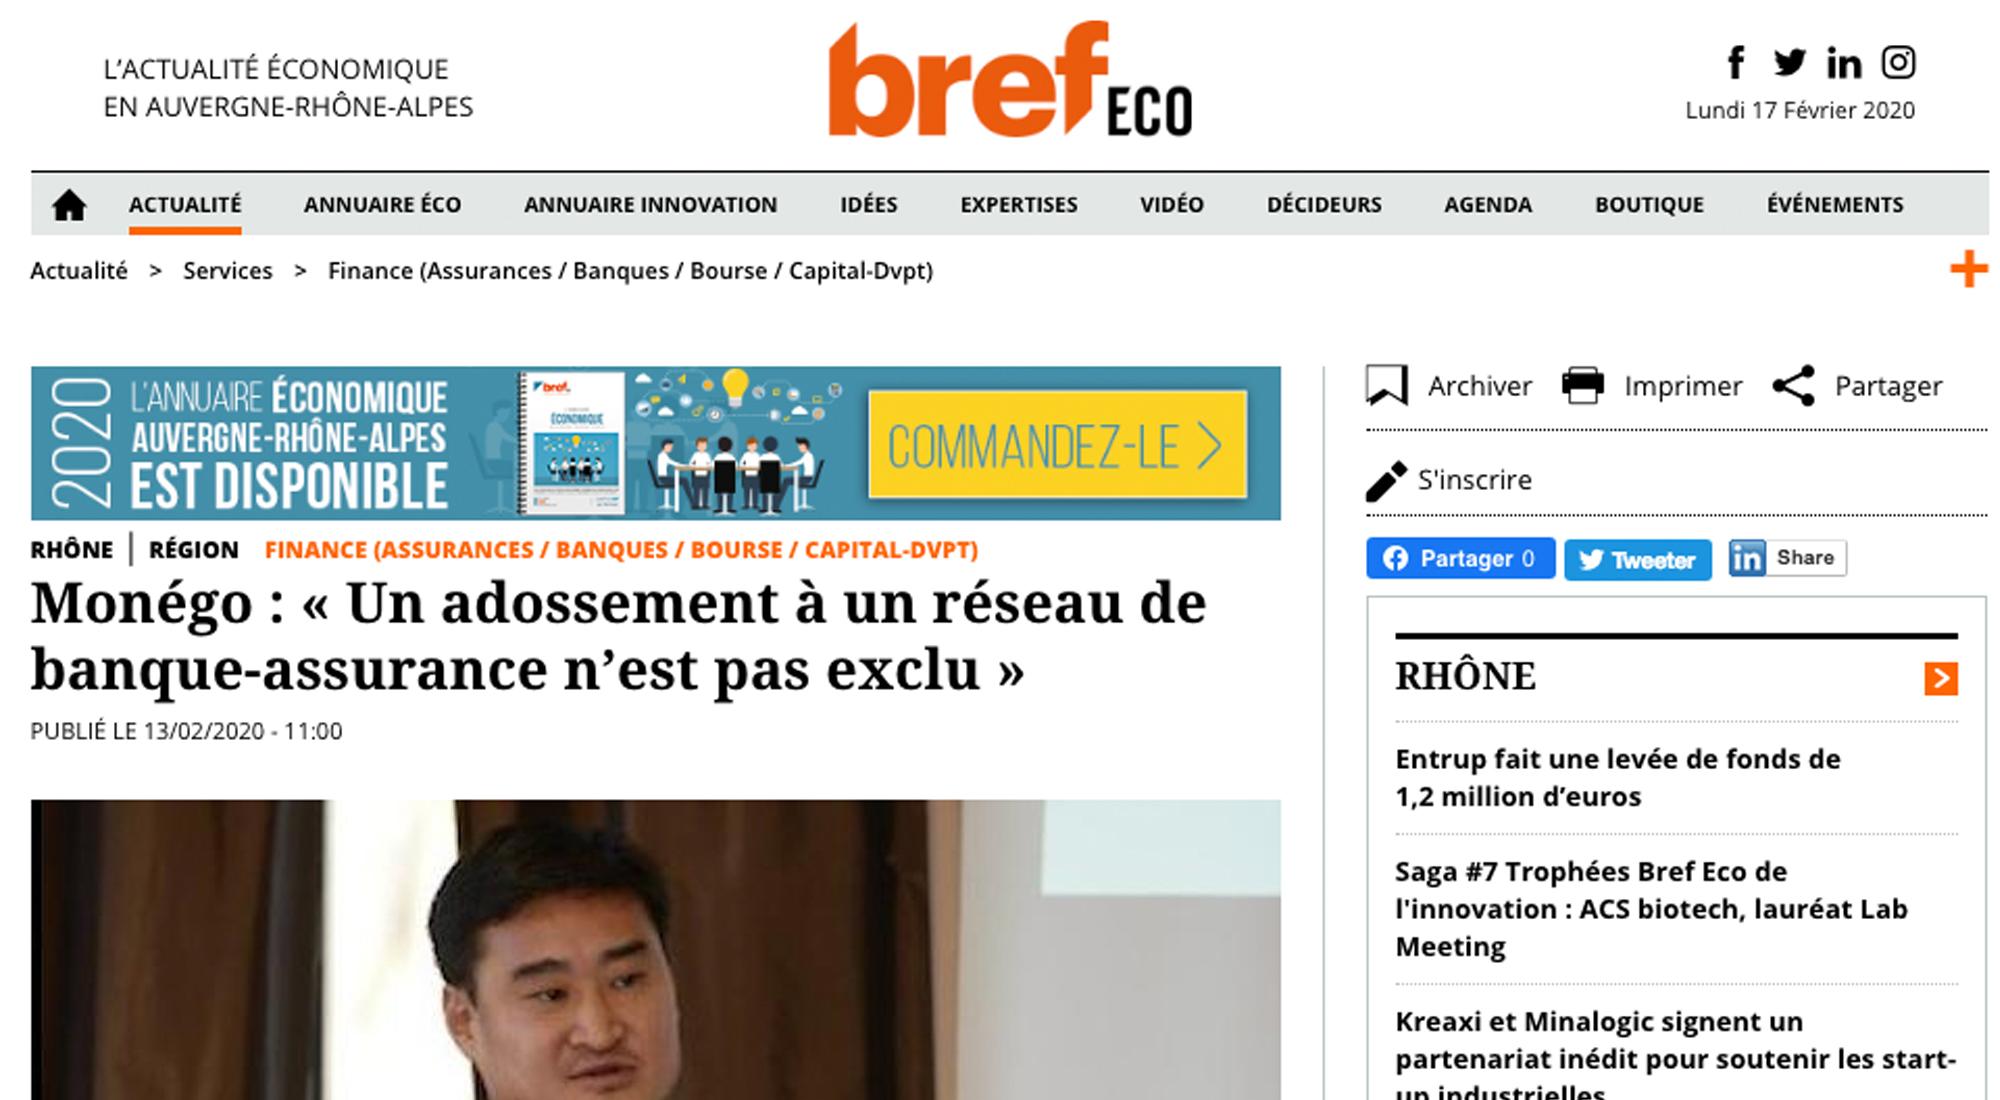 Article paru dans Bref Éco : Monego : « Un adossement à un réseau de banque-assurance n'est pas exclu »